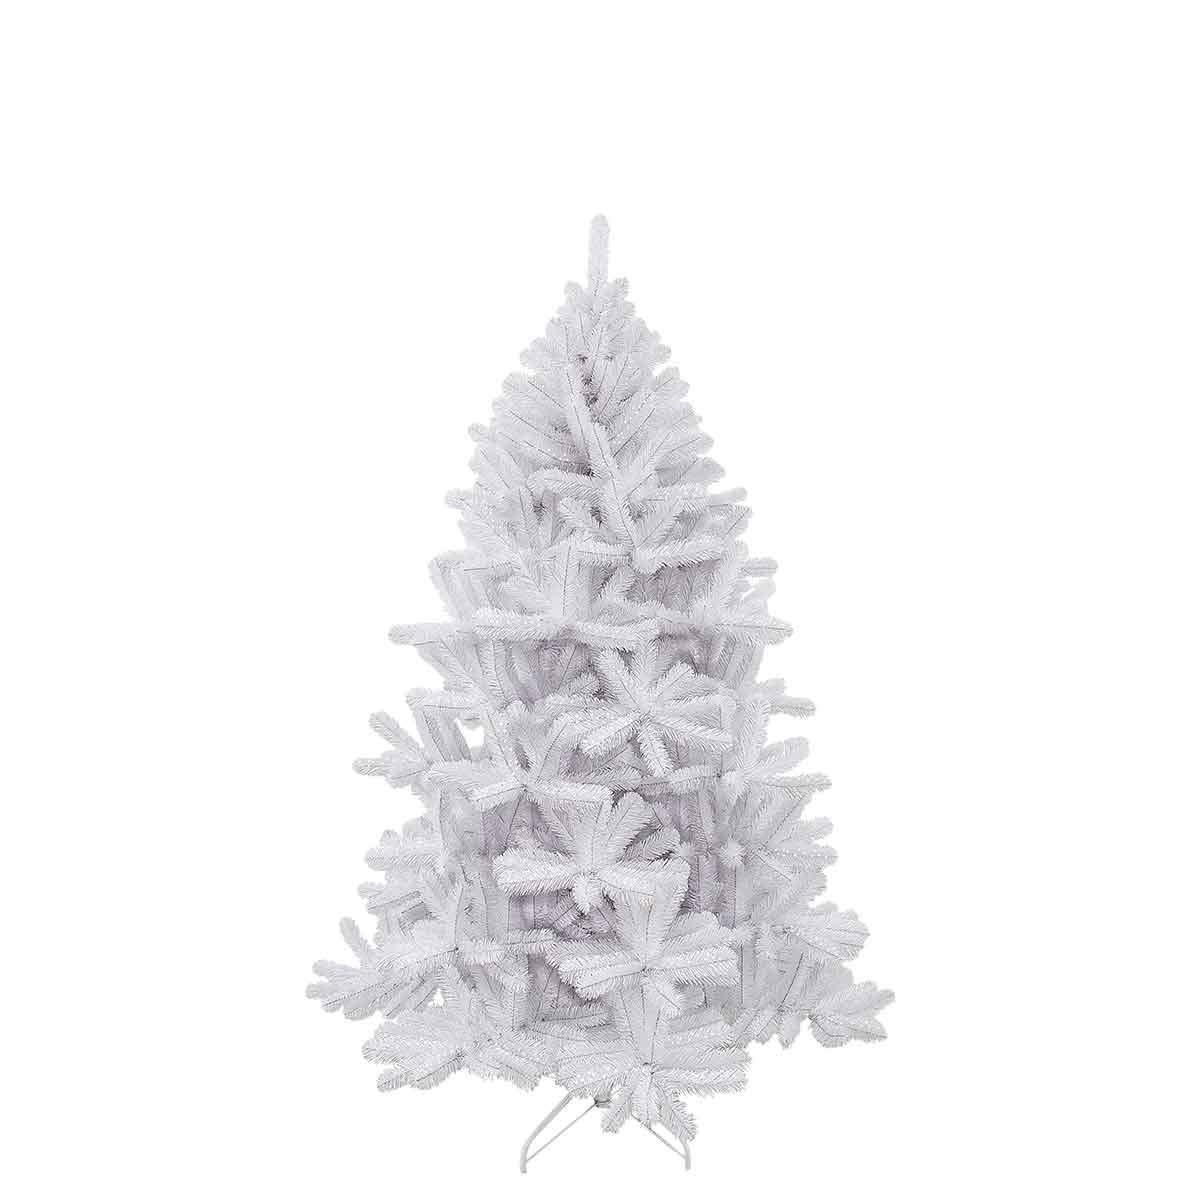 Triumph tree 792110 Tannenbaum Icelandic Irisdescent Höhe 155 cm, Durchmesser 94 cm, Tips 343, weiß